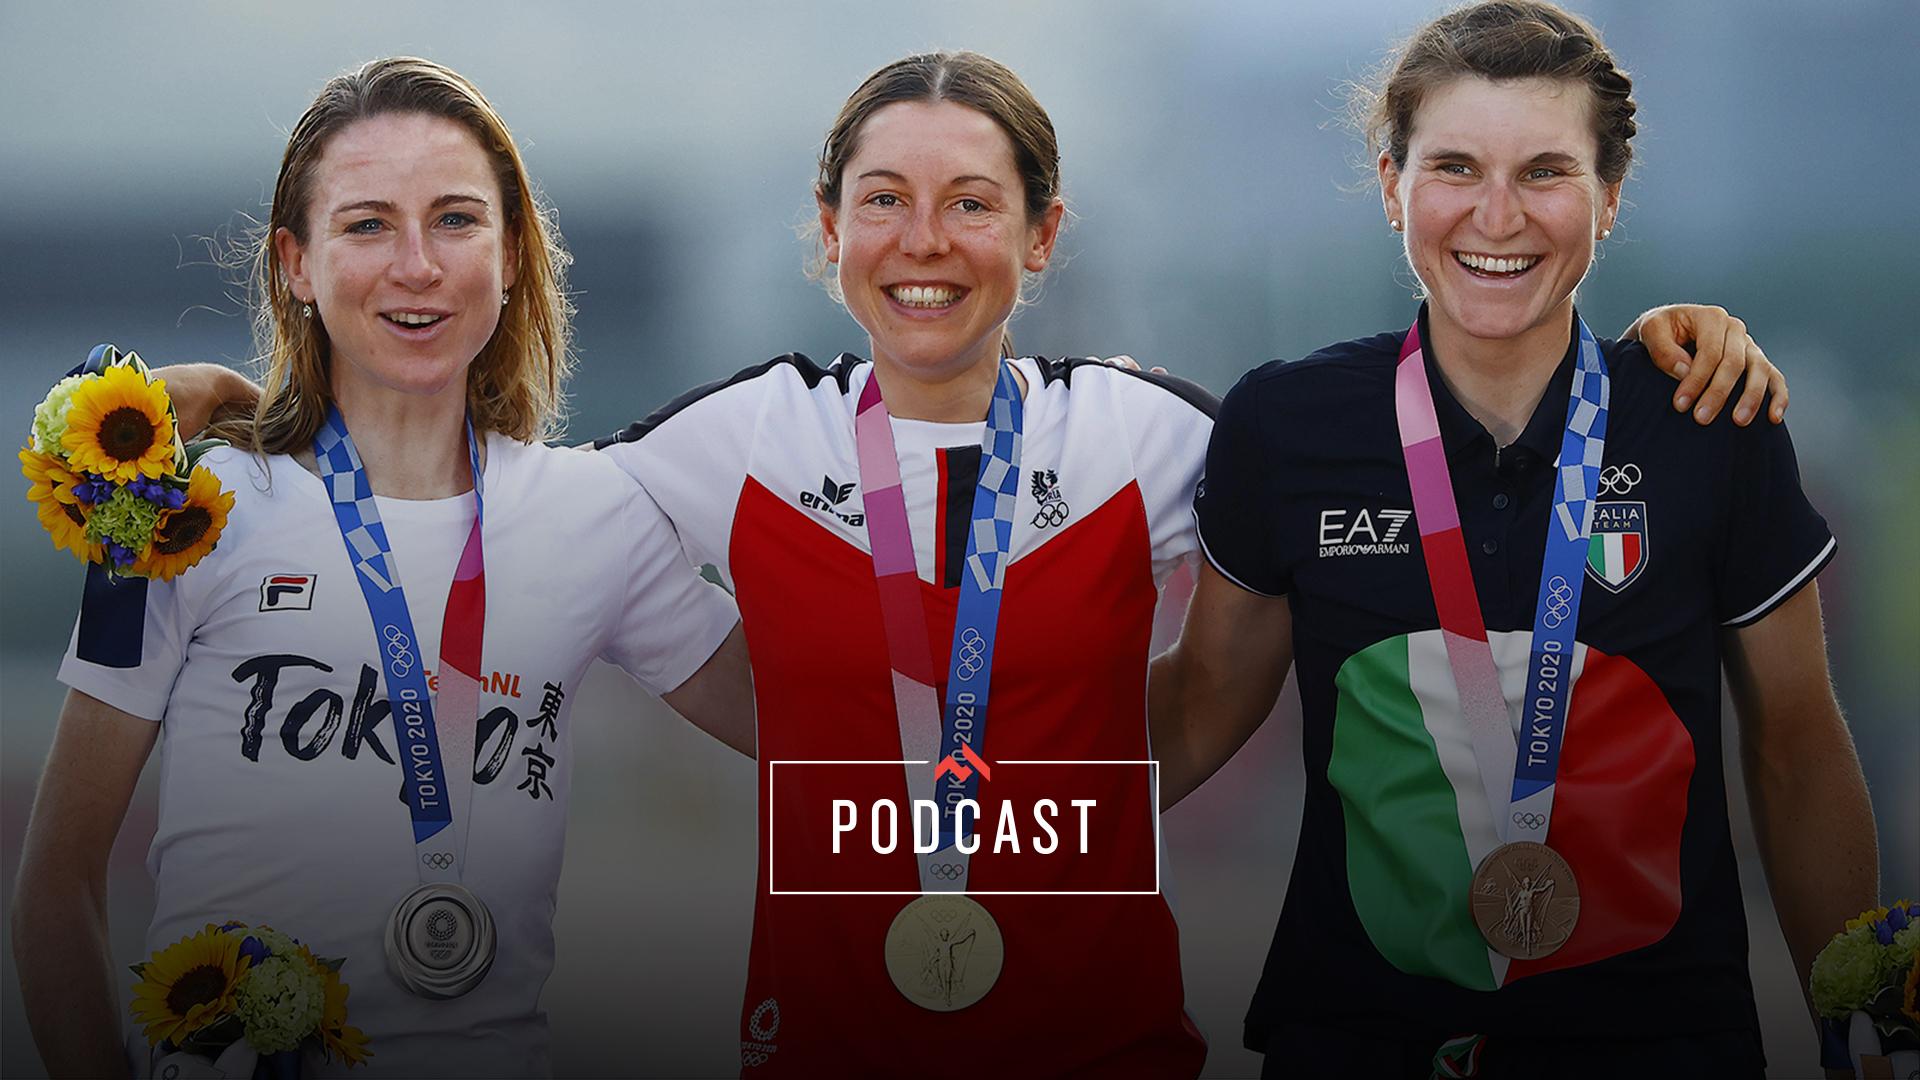 Podcast a ruota libera: una corsa olimpica su strada da ricordare